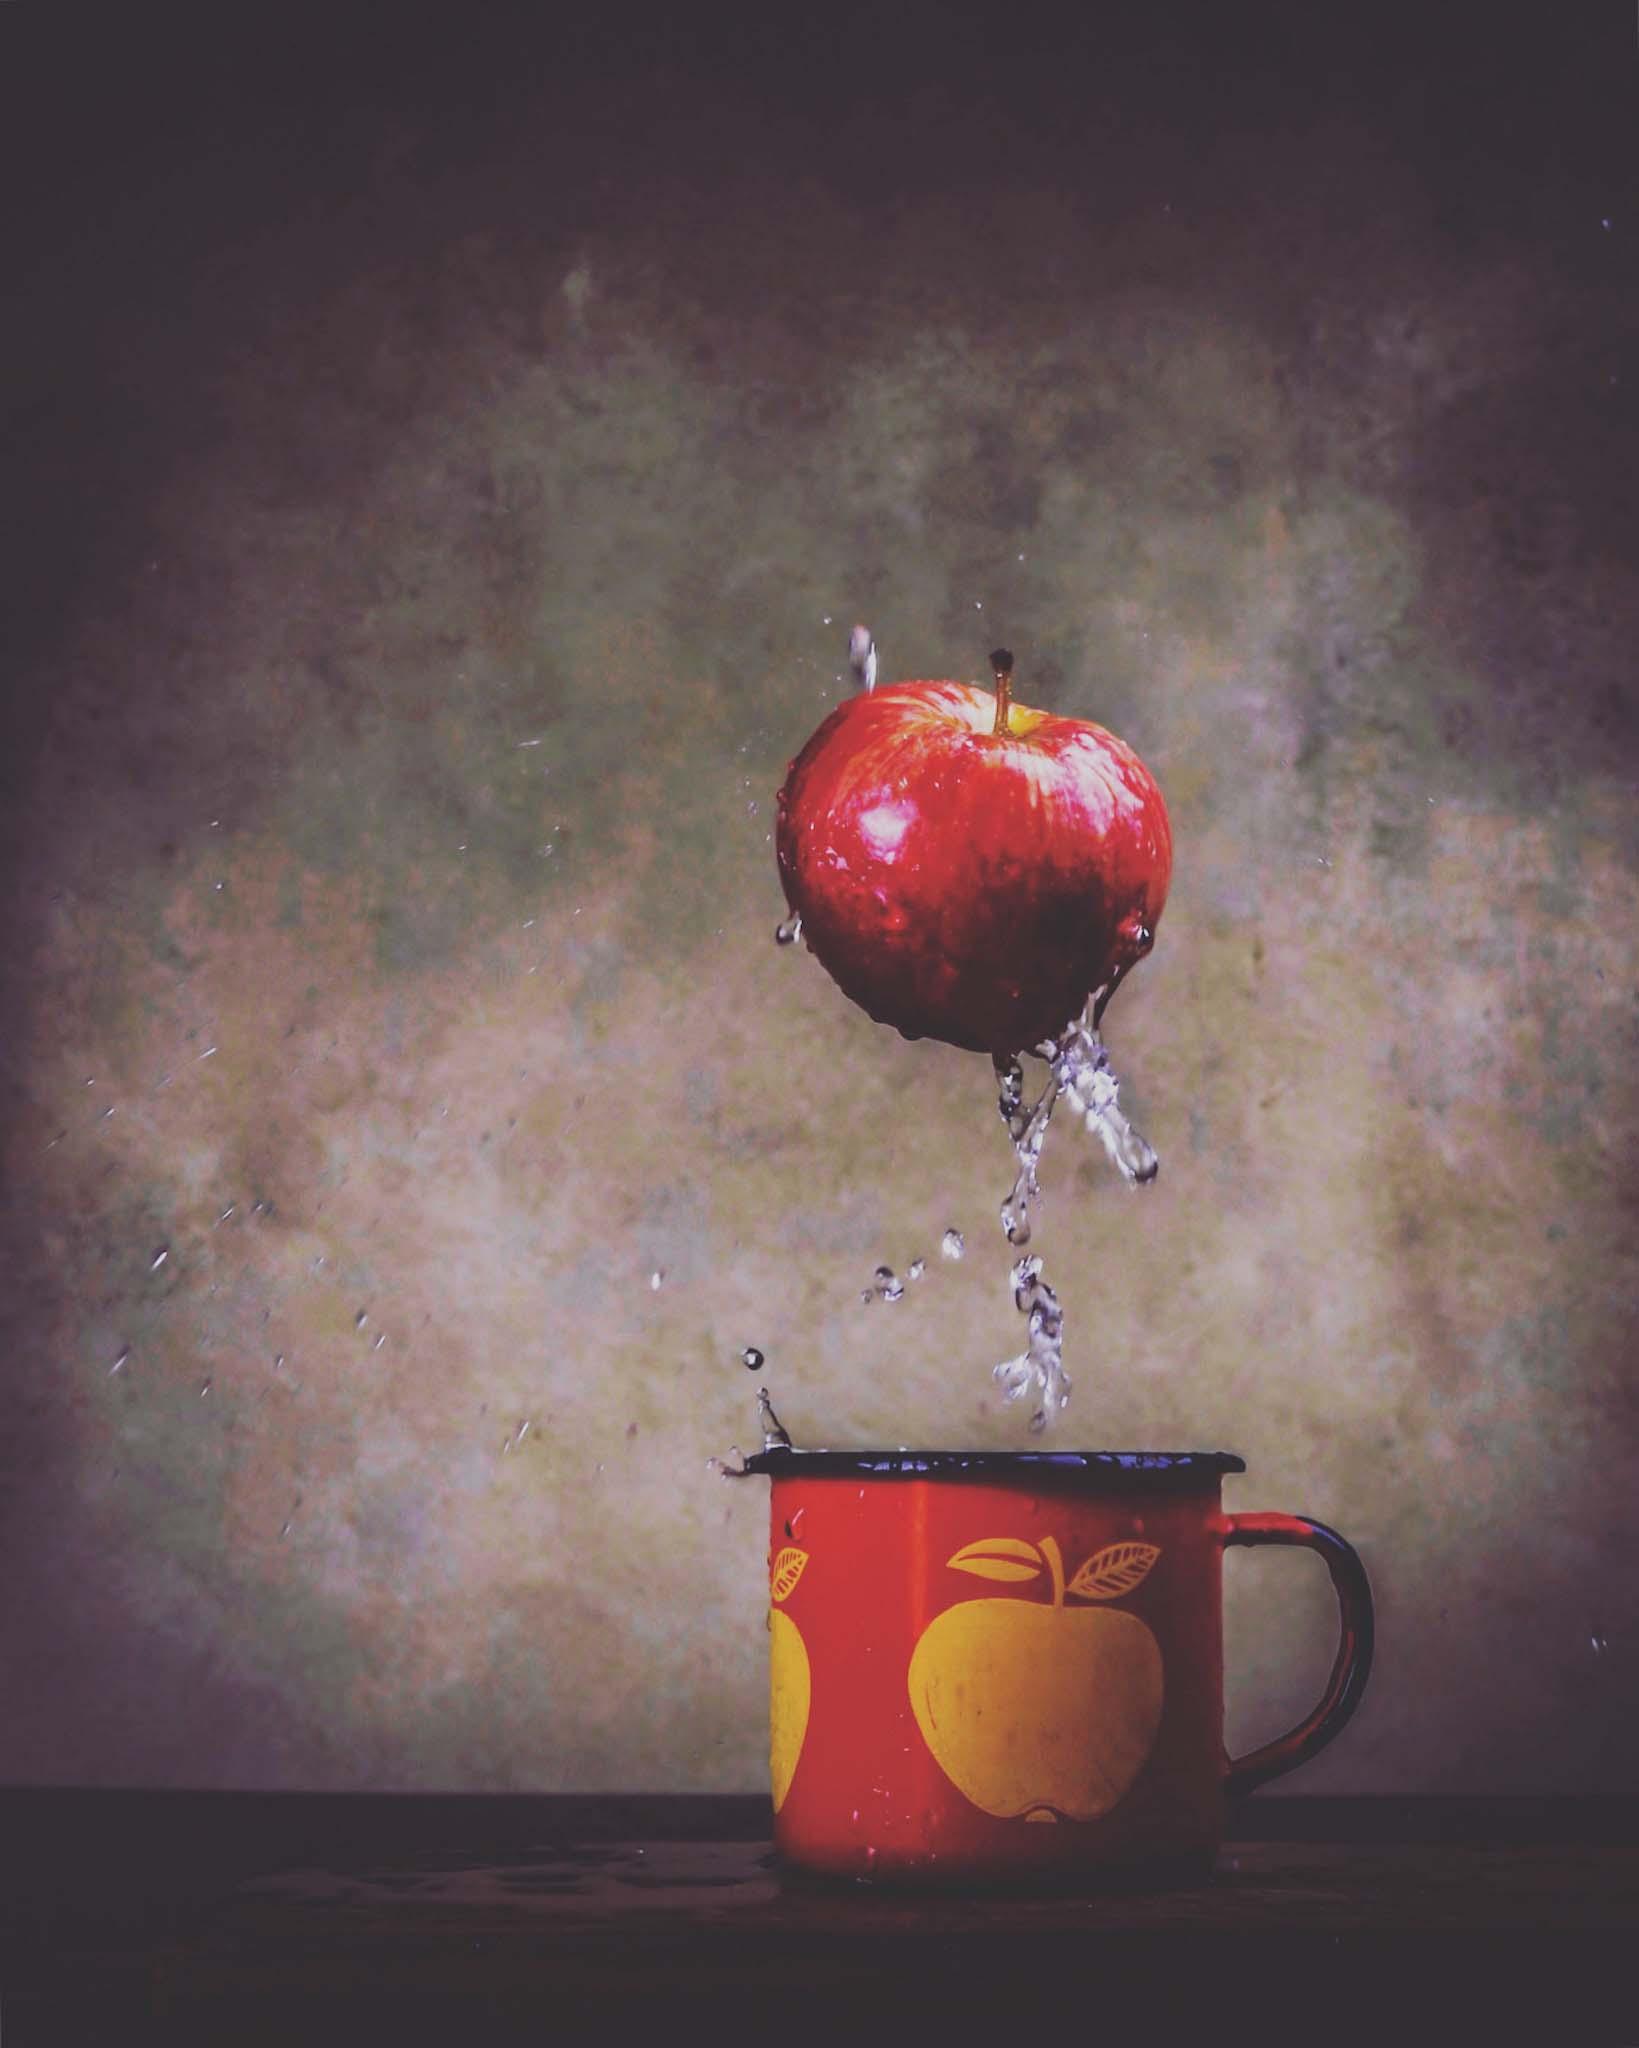 äpple i mugg med vatten